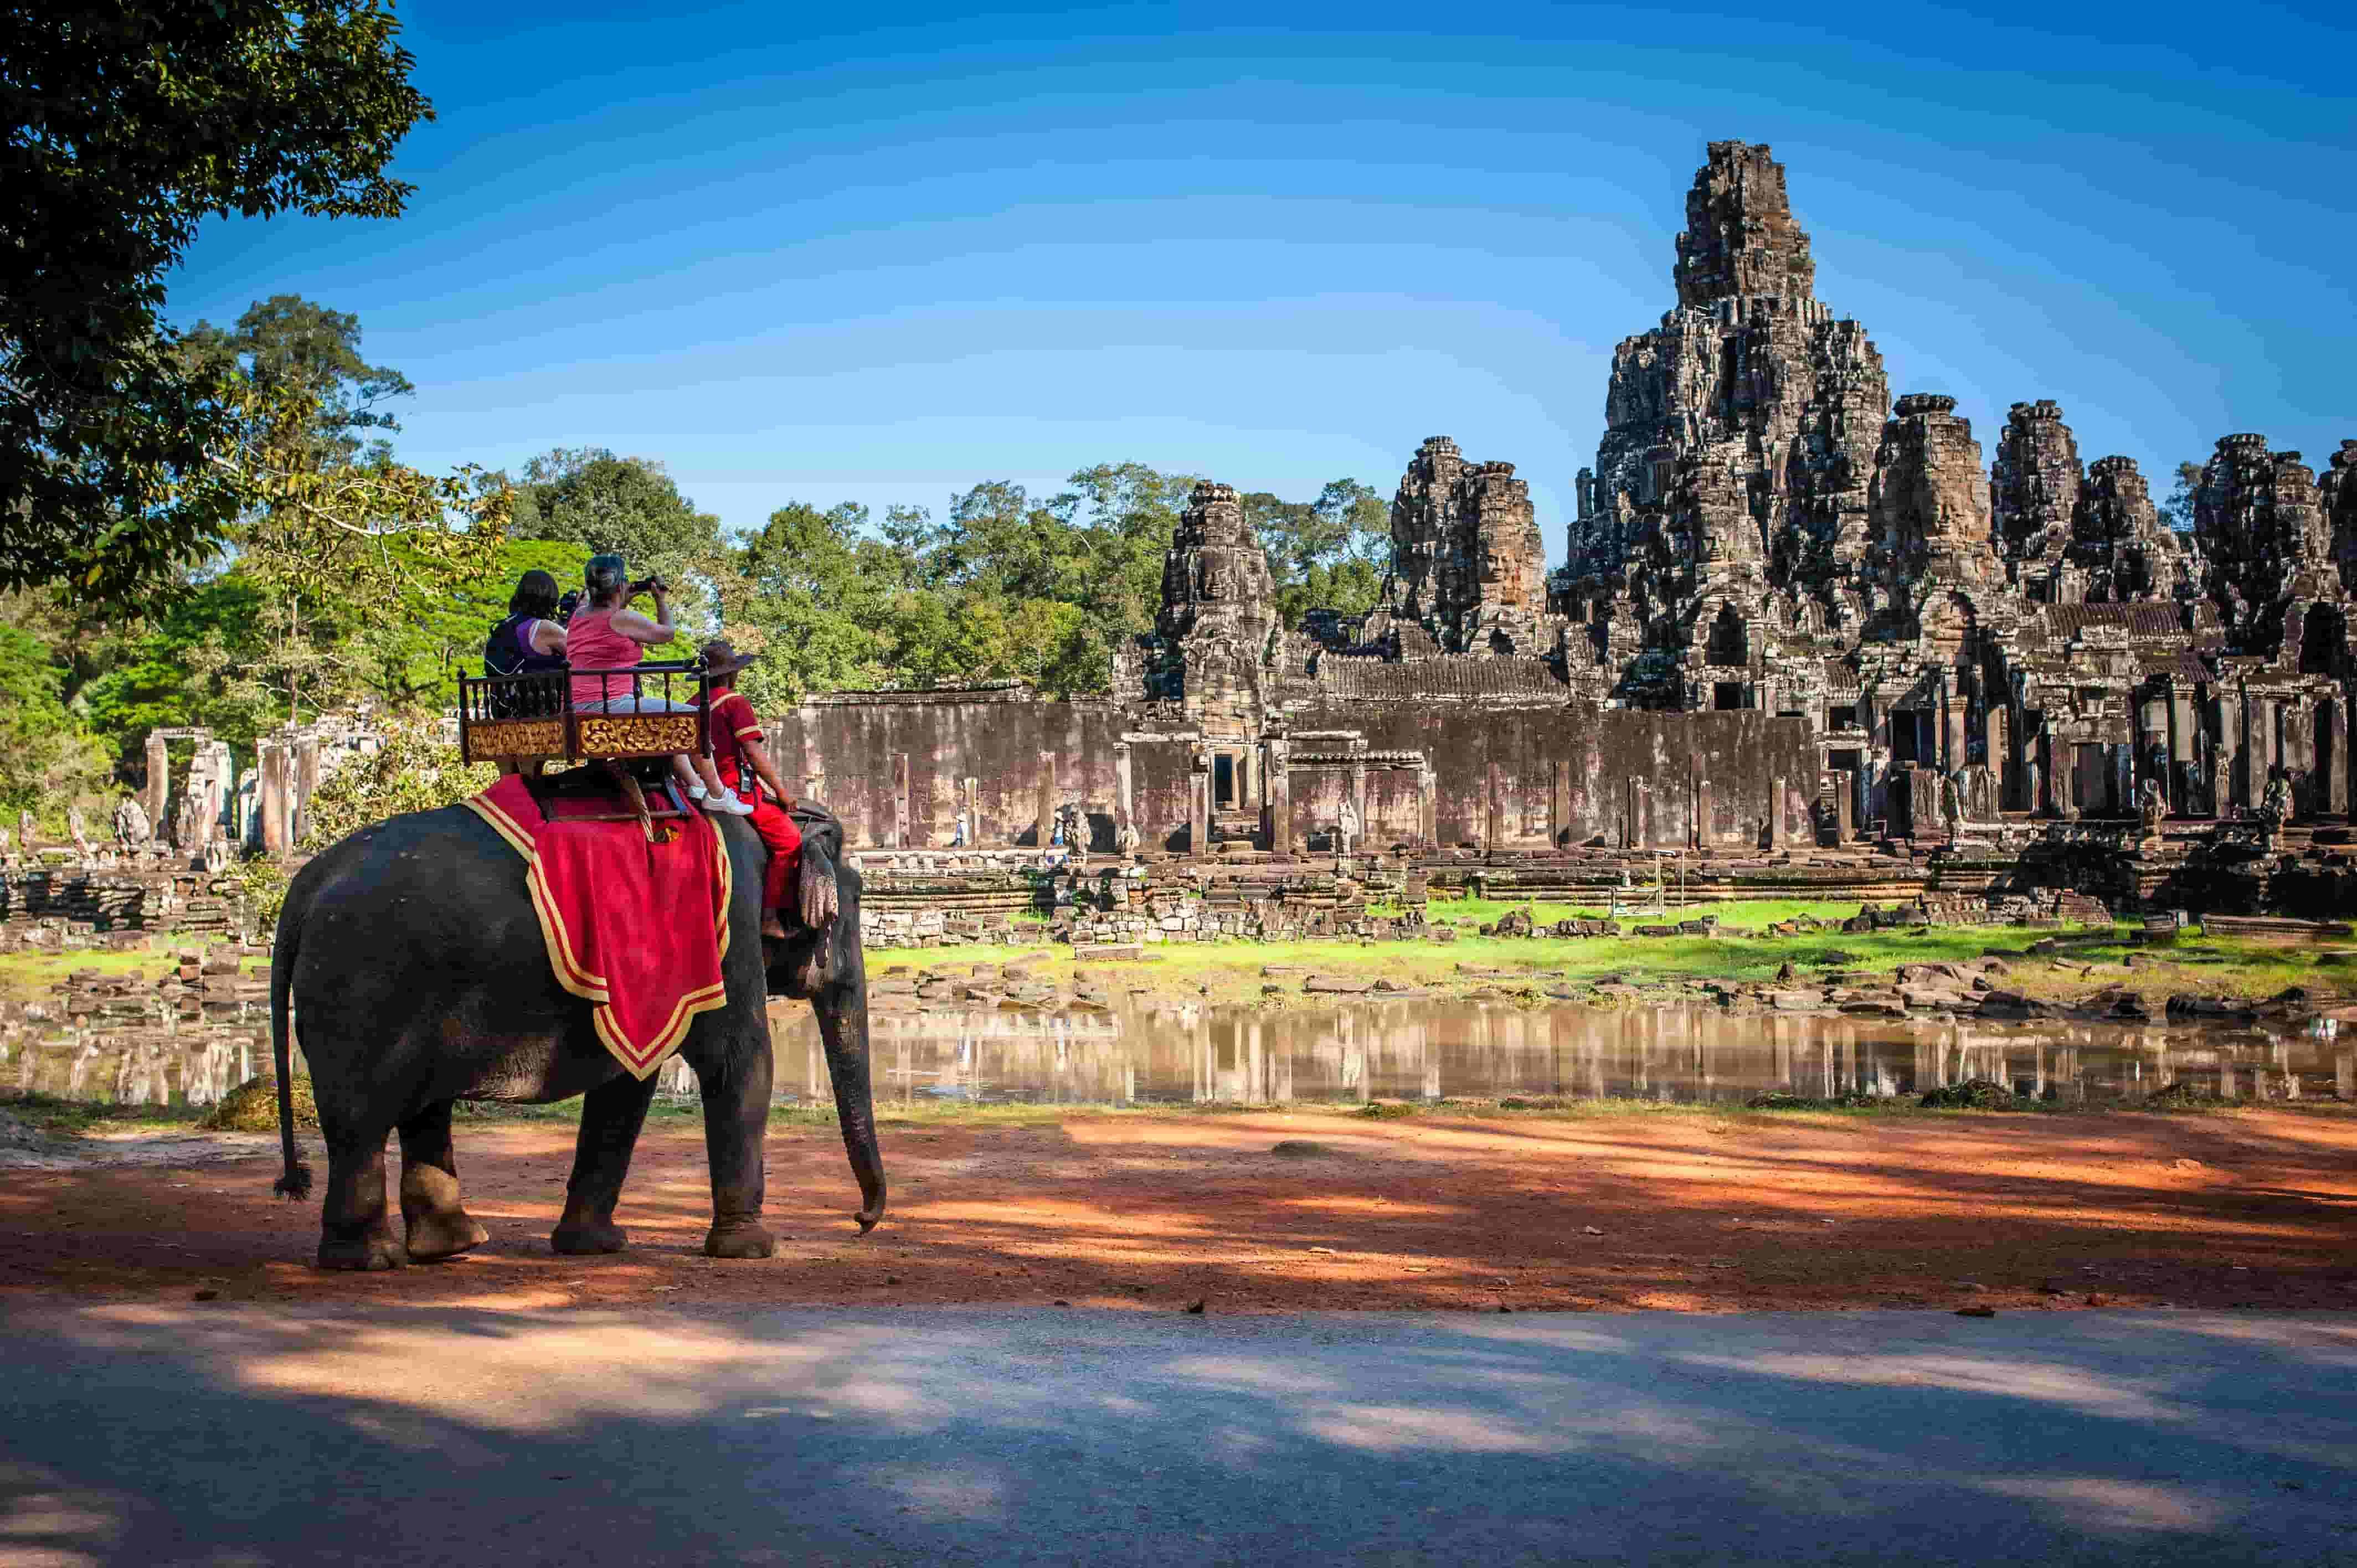 Elefanti tour vietati in Cambogia